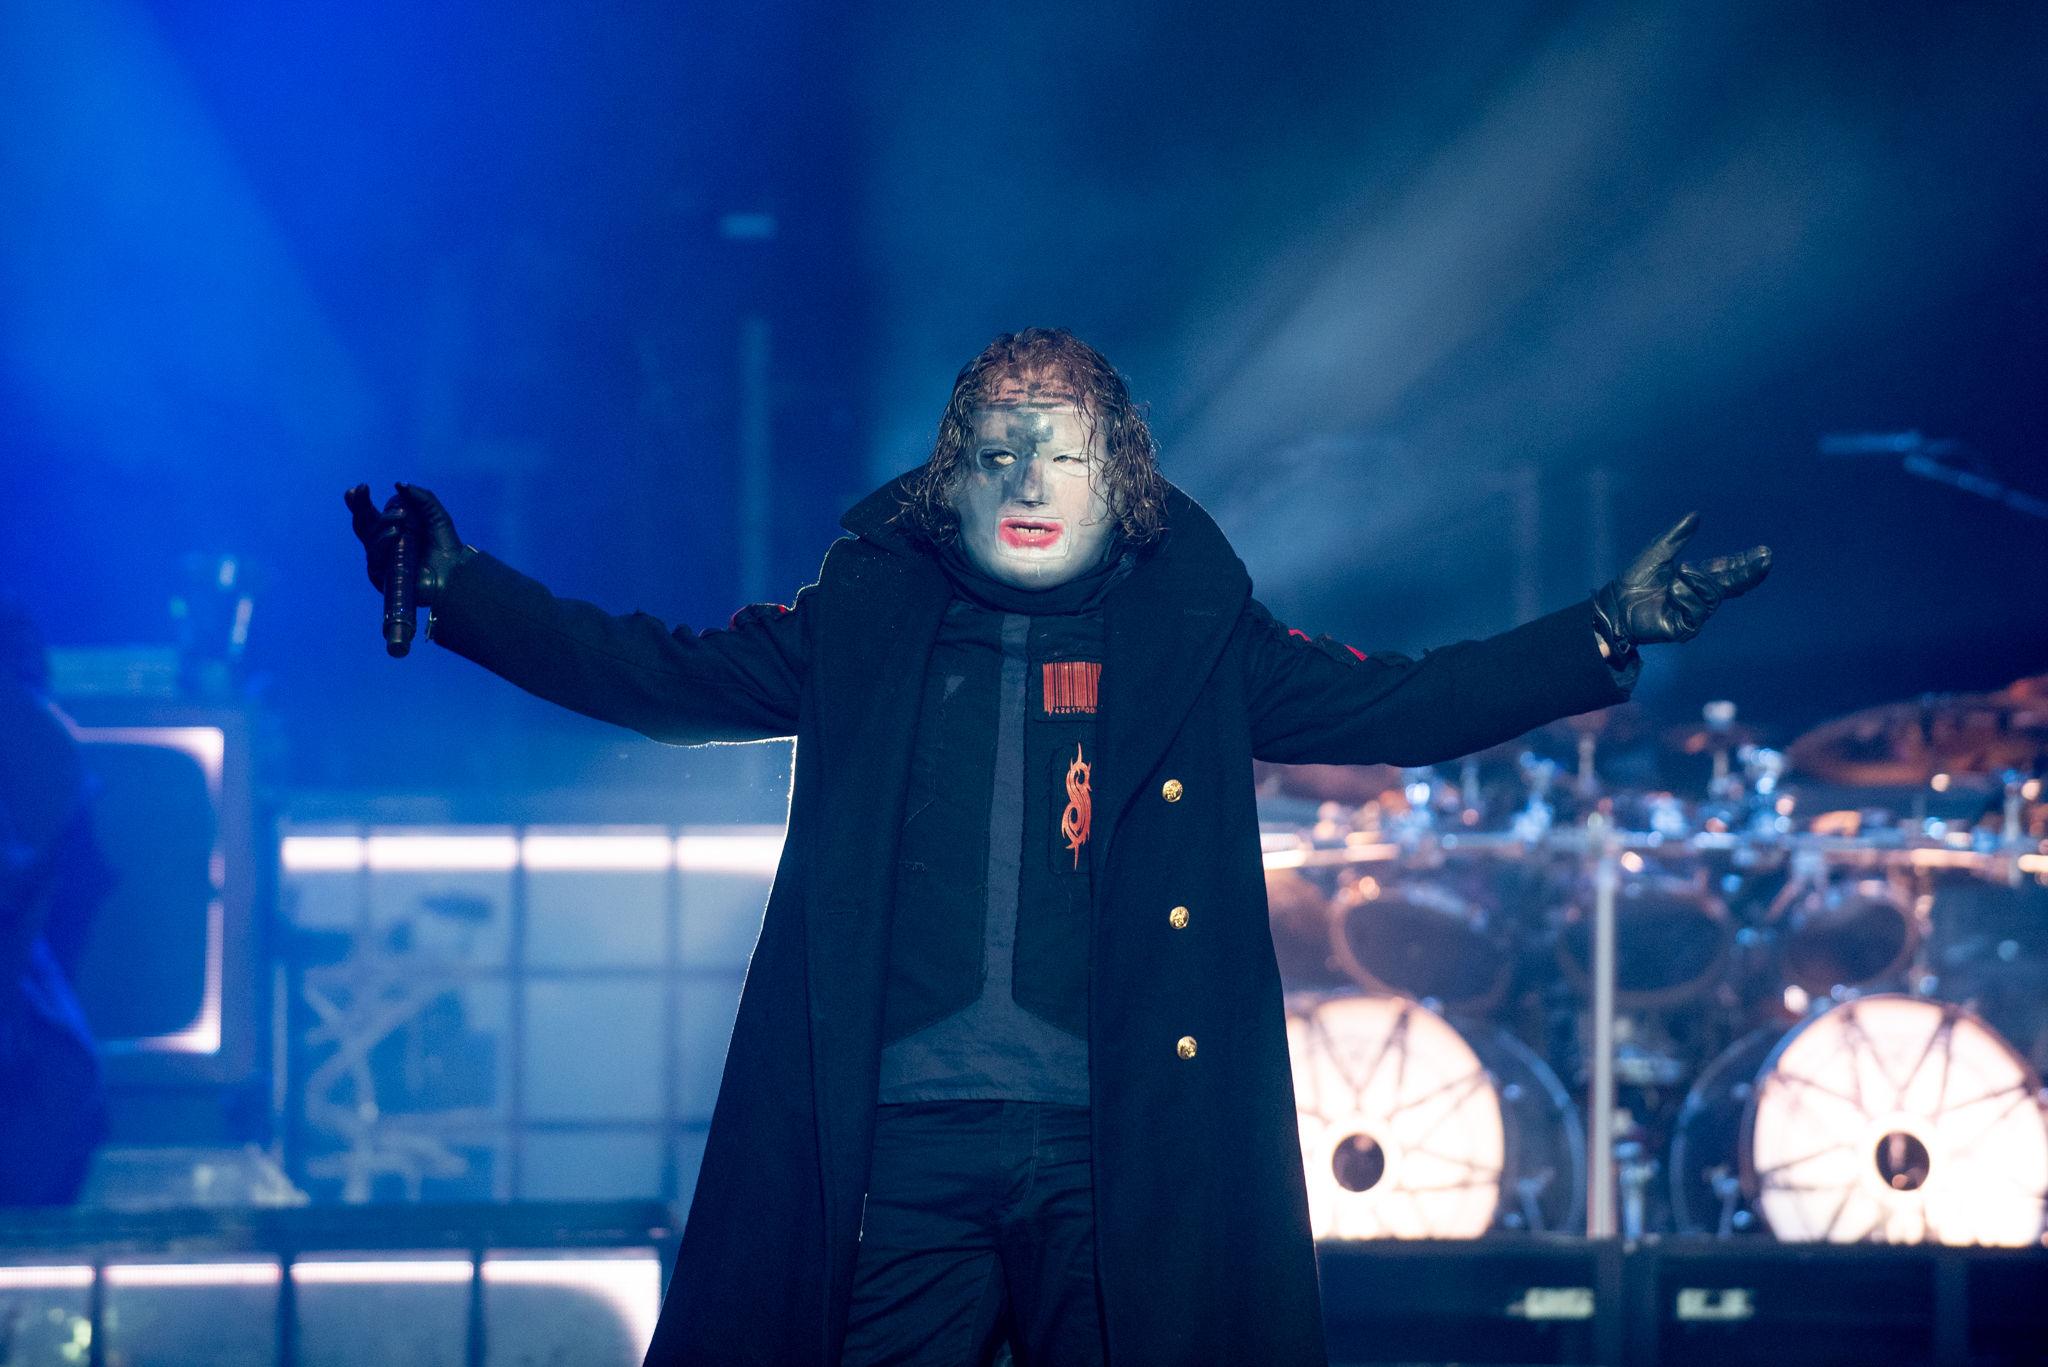 Best Slipknot Album